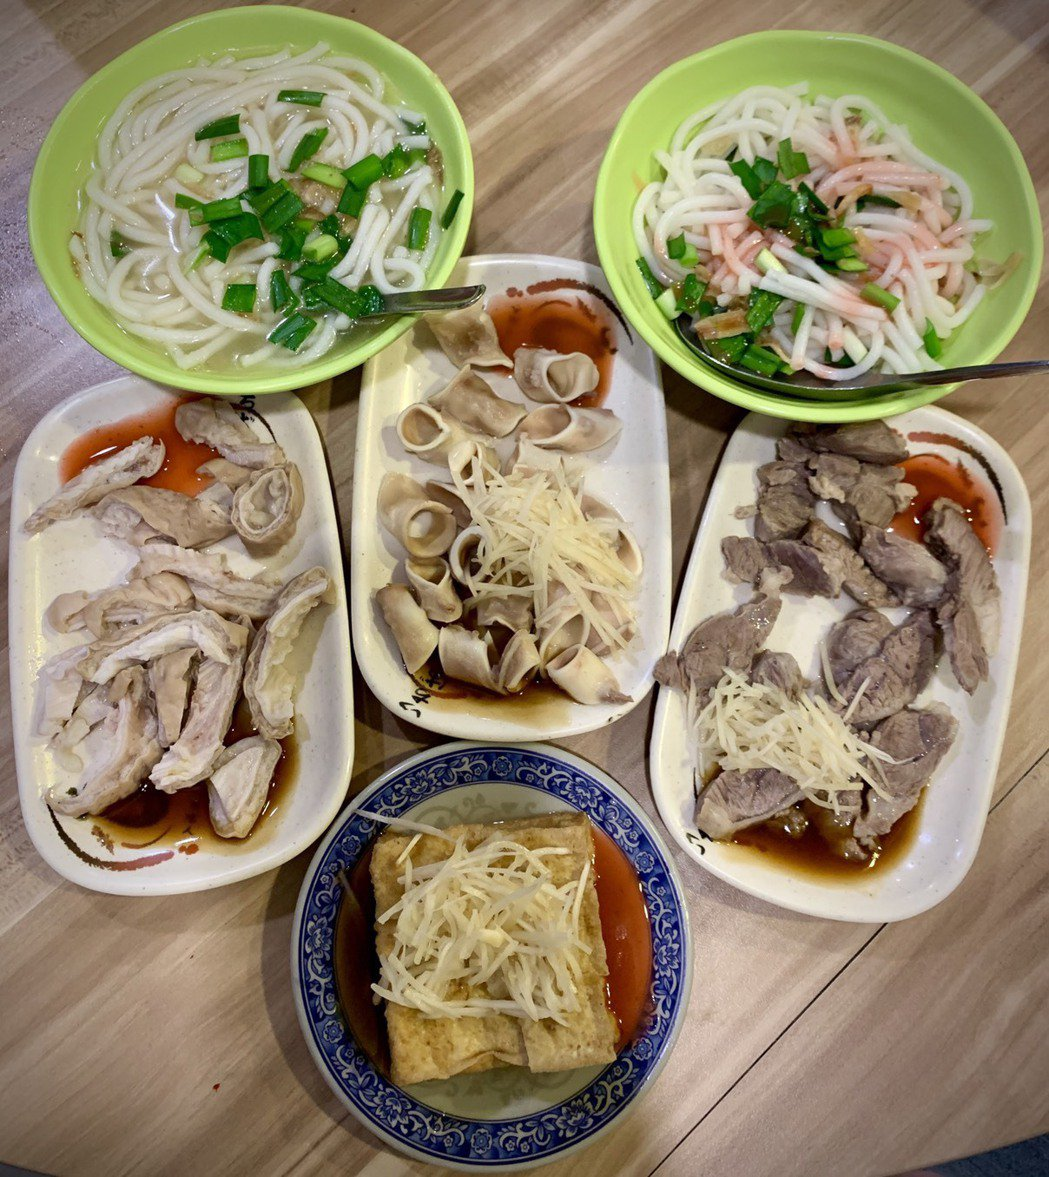 湯米苔目清爽,乾米苔目涮嘴,搭配滿滿小菜,分不清誰才是主角。 圖/蕭涵 攝影